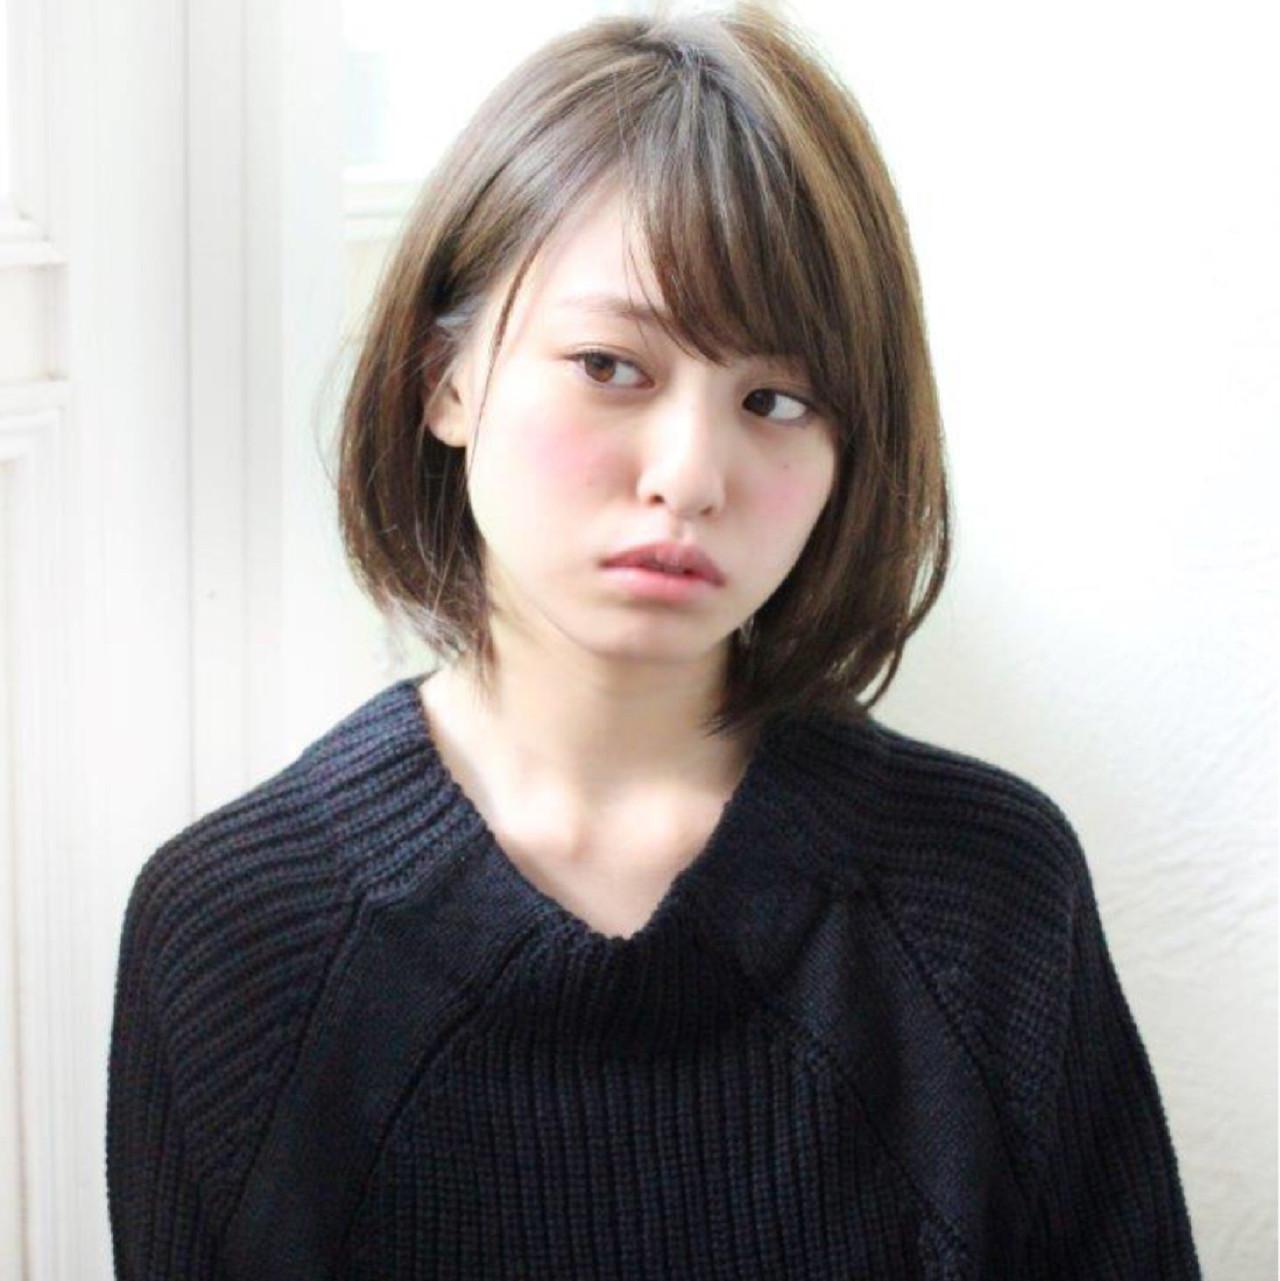 ボブ 外国人風 色気 ニュアンス ヘアスタイルや髪型の写真・画像 | 切りっぱなしボブを流行らせた人 Un ami増永 / Un ami omotesando